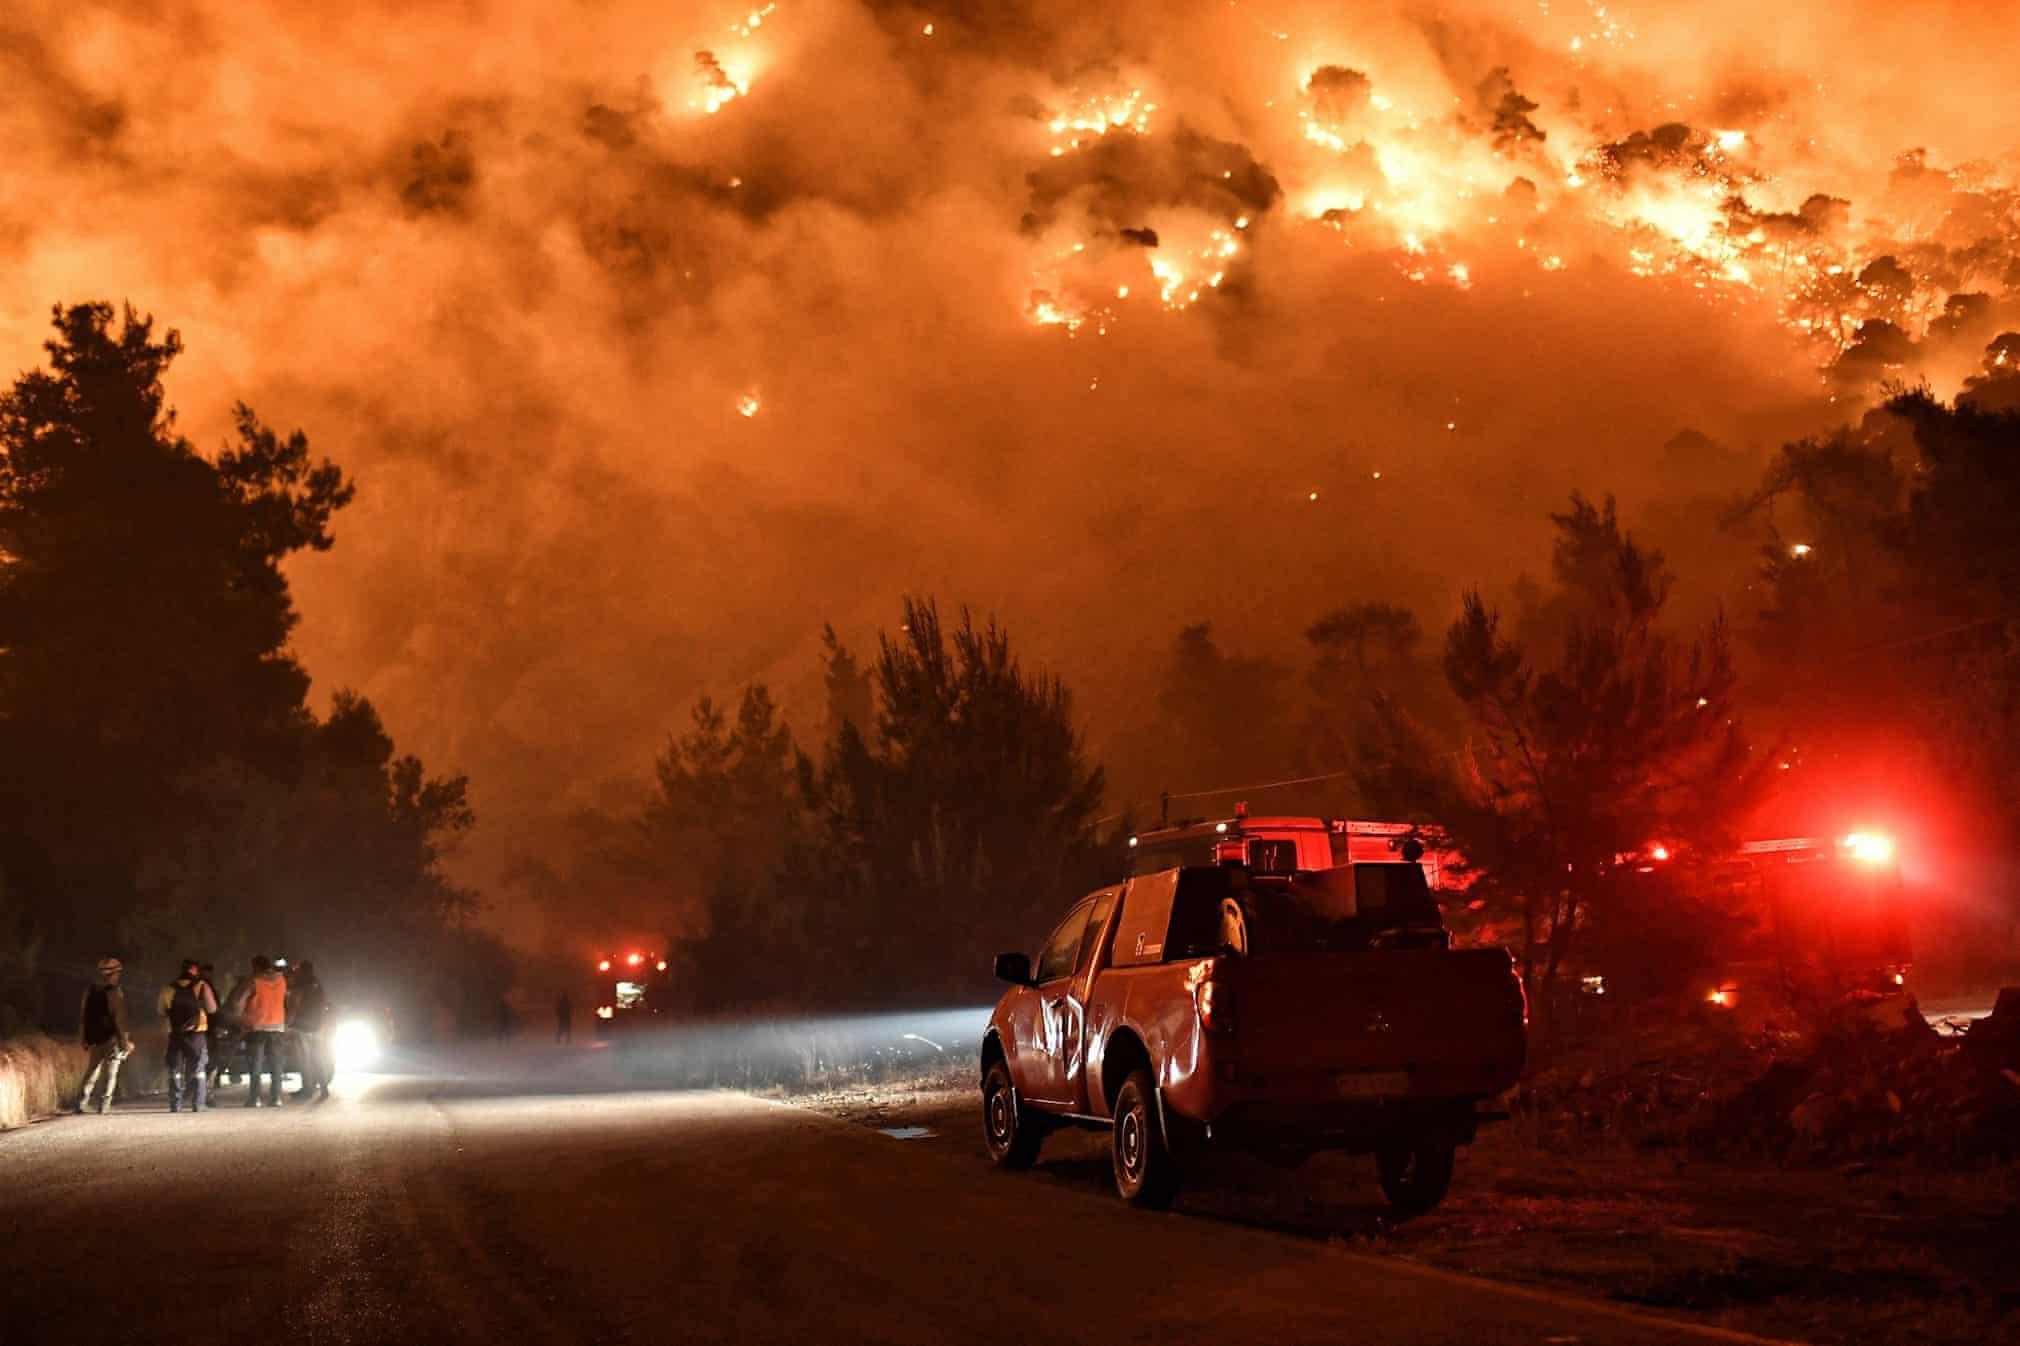 Lũ lụt, cháy rừng và loạt ảnh khủng hoảng khí hậu toàn cầu - ảnh 2